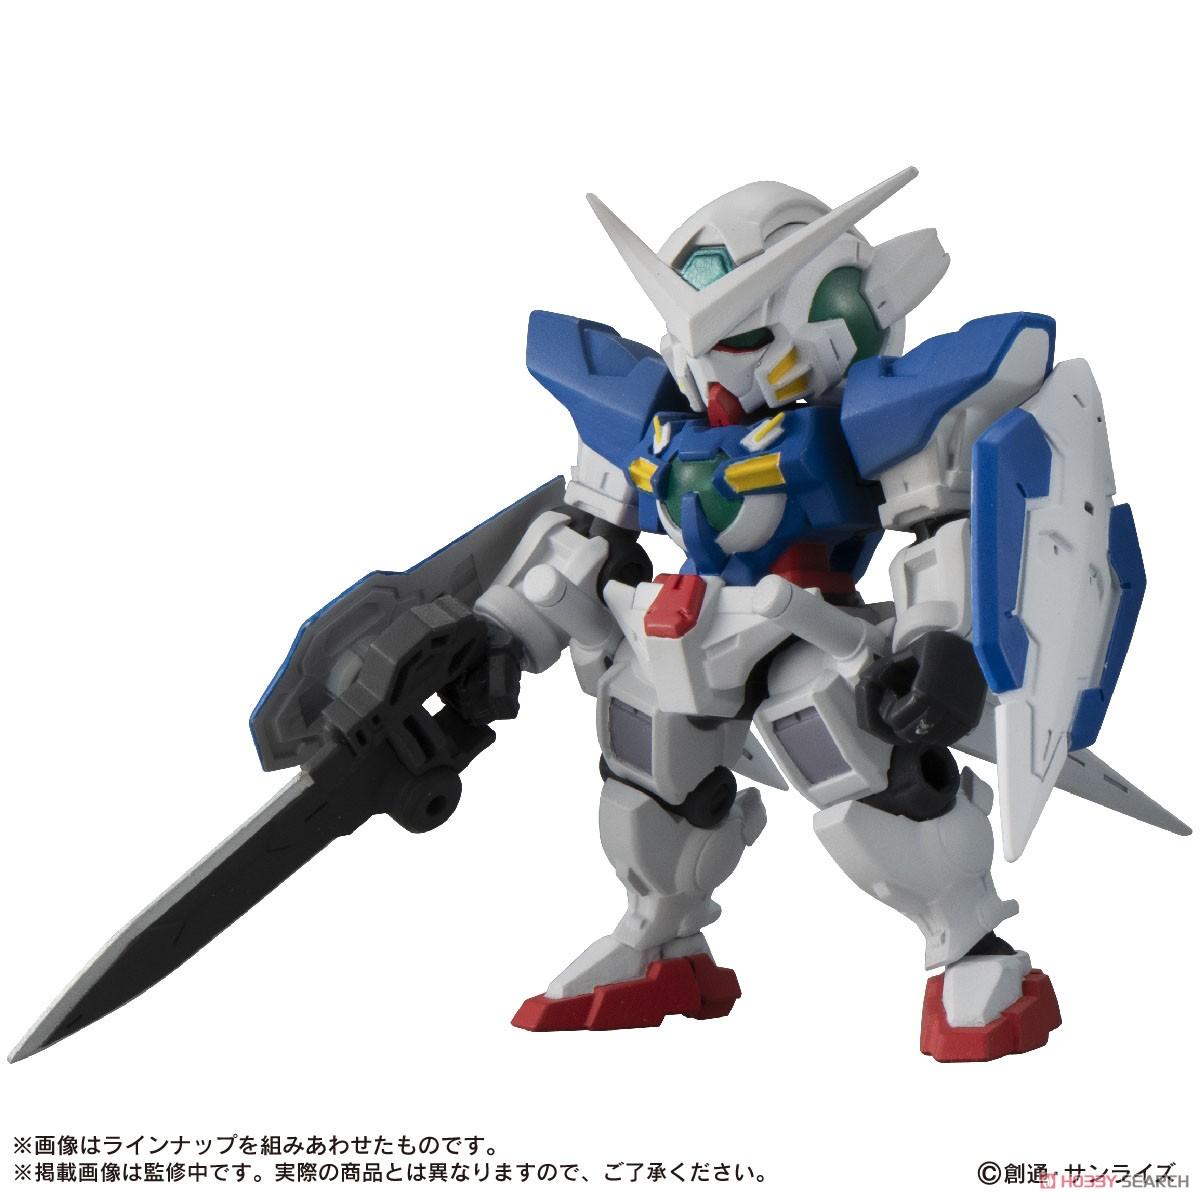 機動戦士ガンダム『MOBILE SUIT ENSEMBLE15』デフォルメフィギュア 10個入りBOX-006